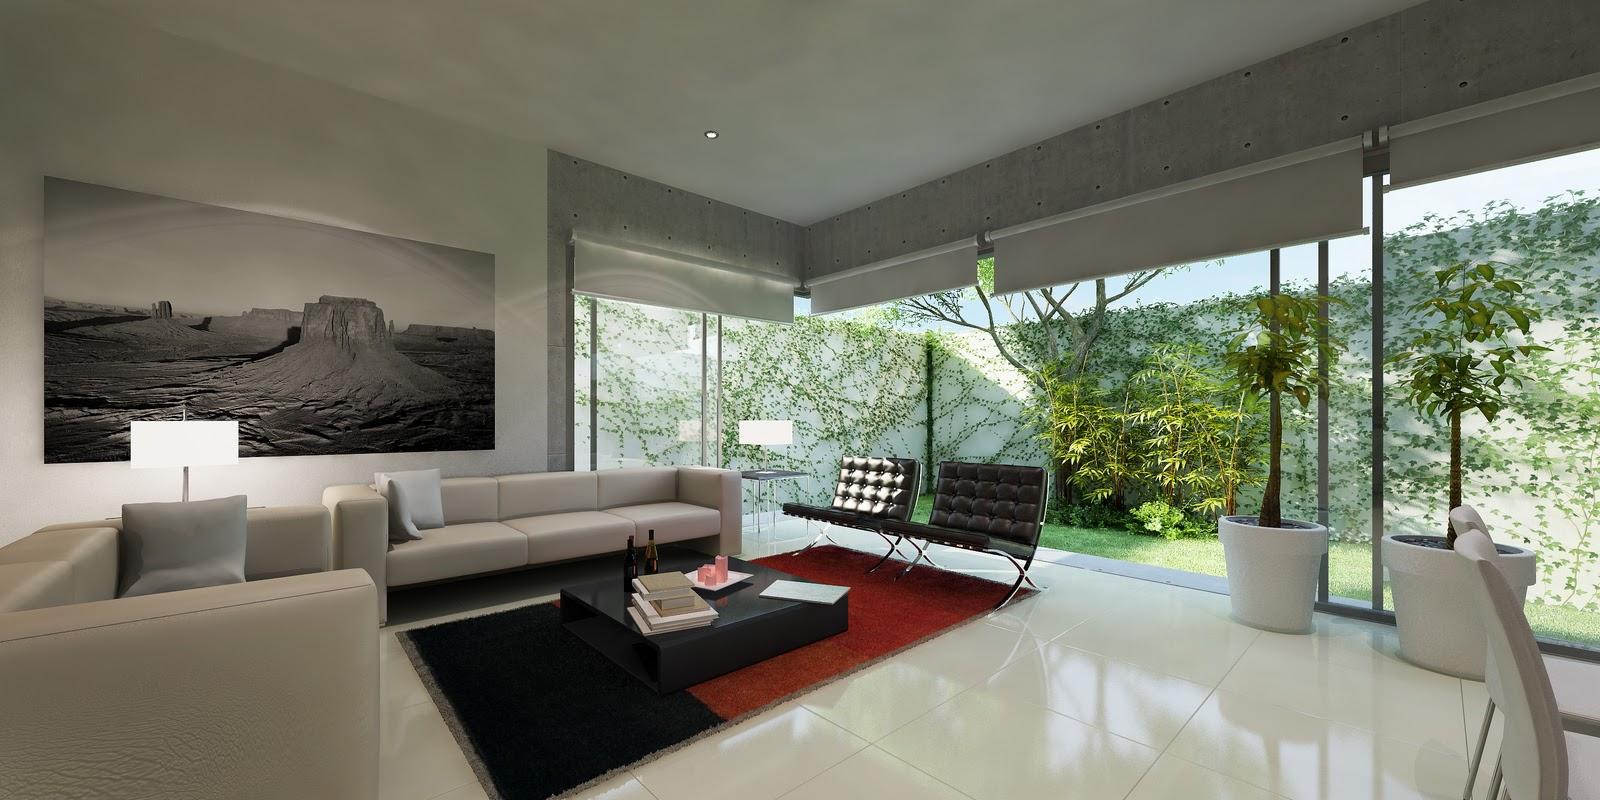 Idei amenajari interioare decoratiuni interioare for Imagini case moderne